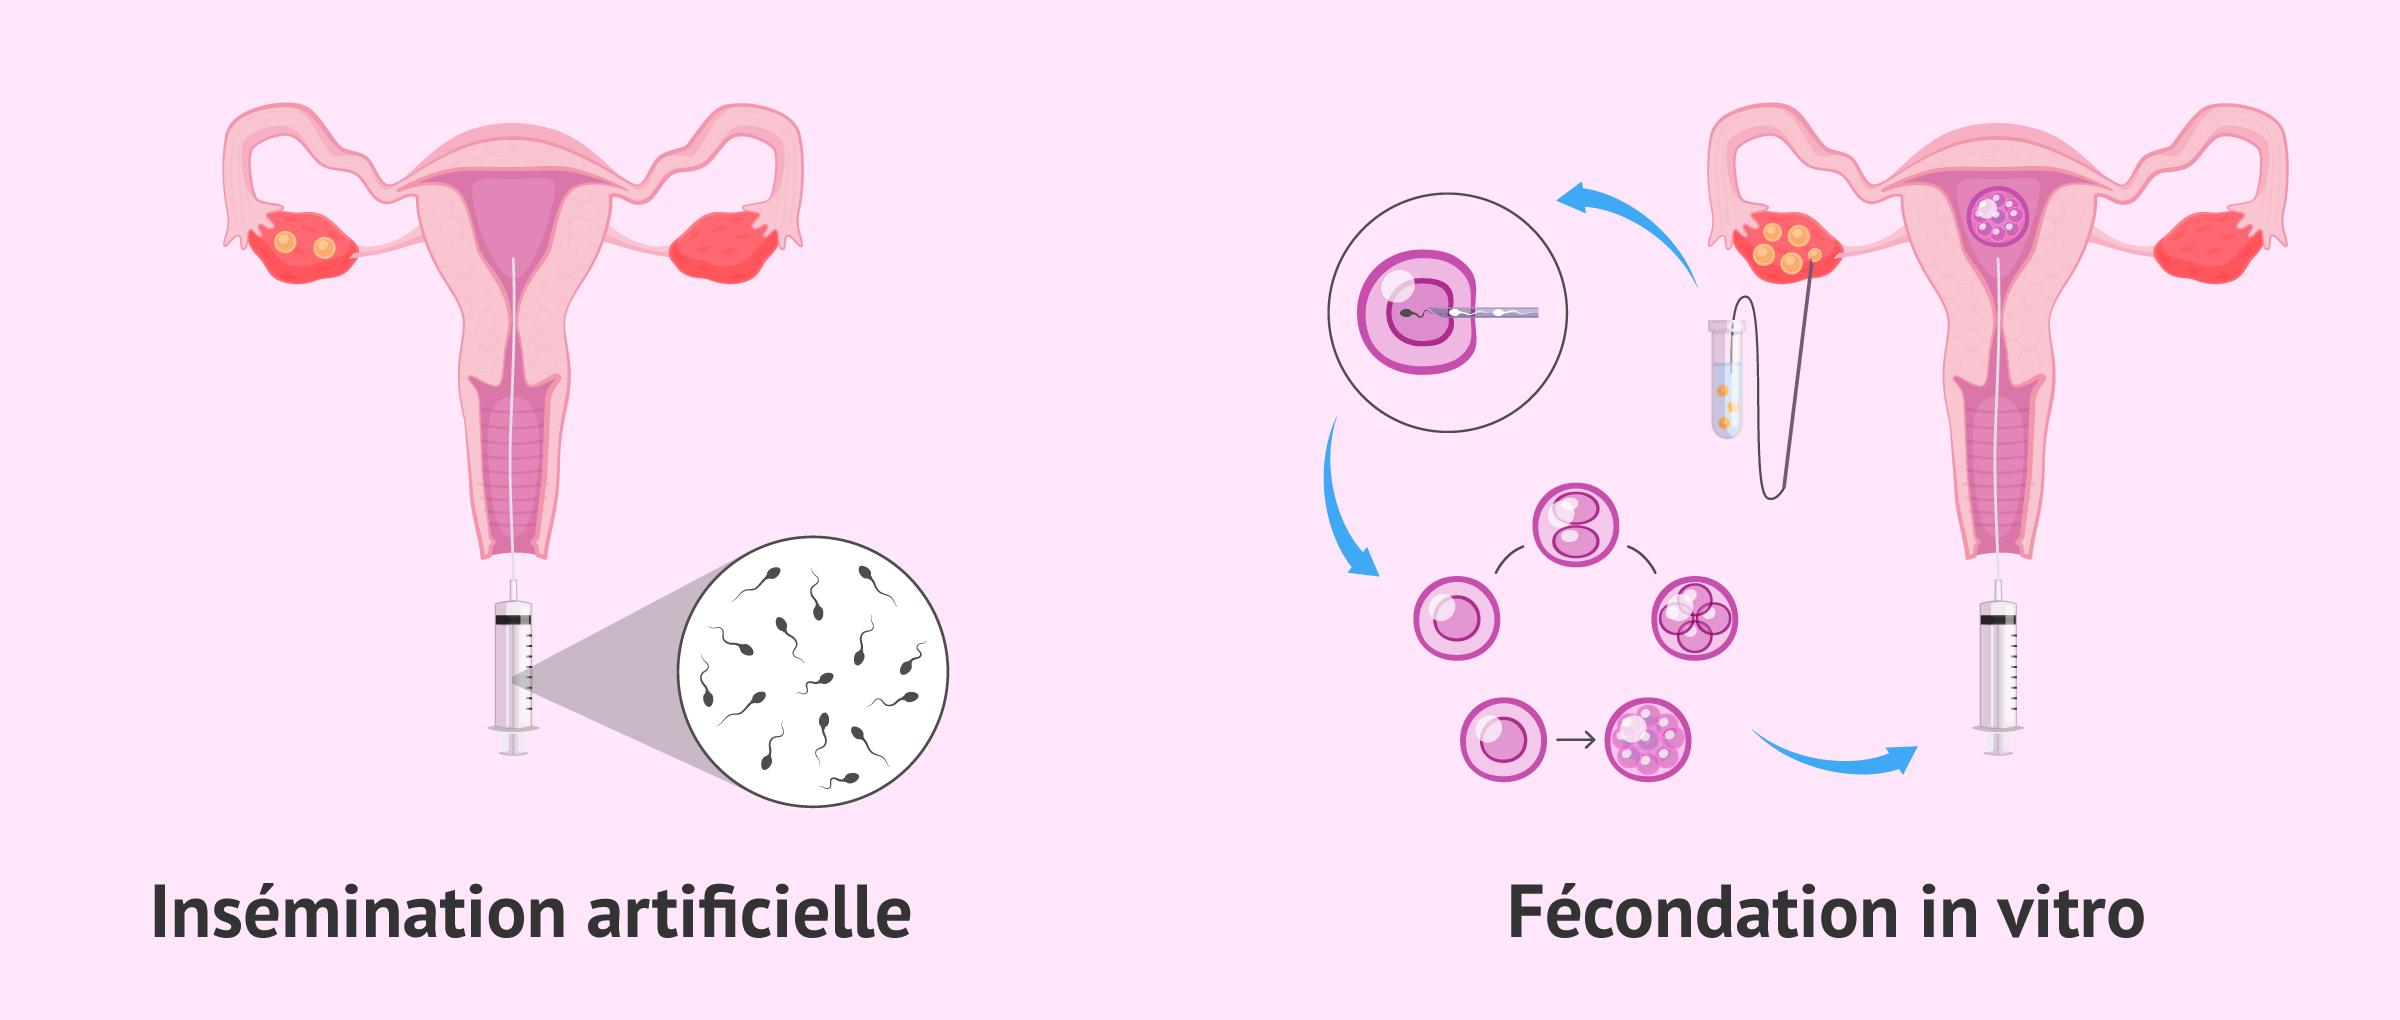 Principales techniques de procréation médicalement assistée